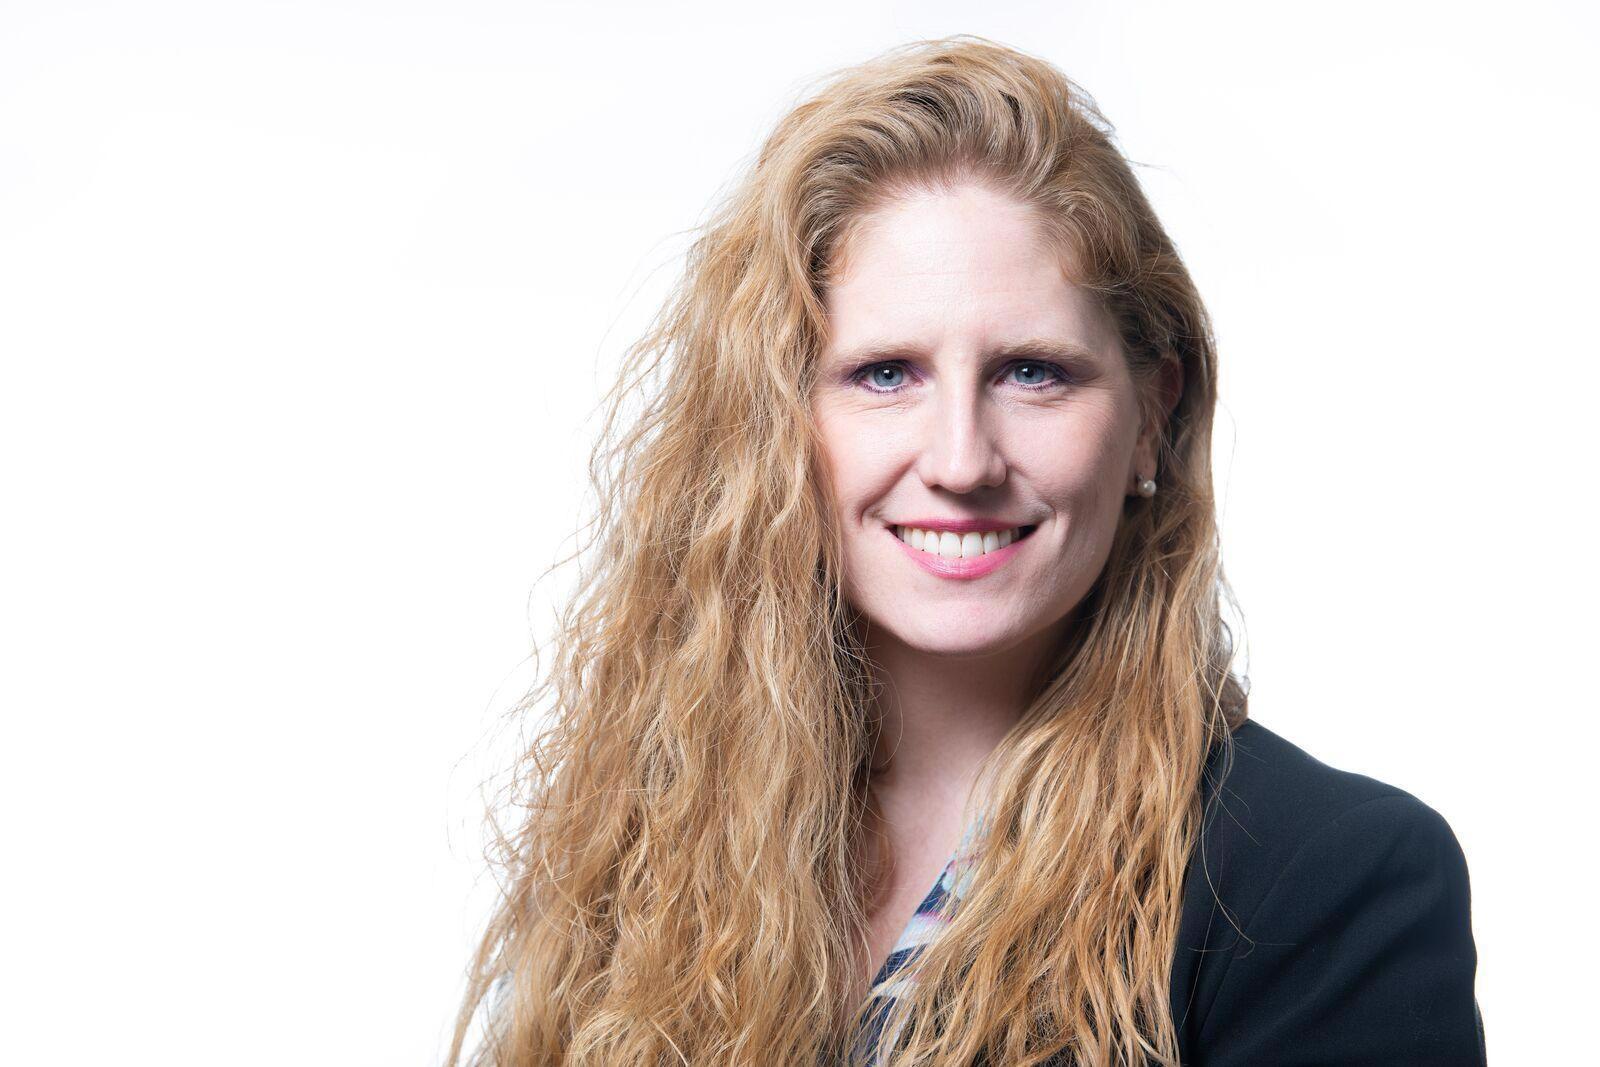 Alicia Gorton, ocean engineer